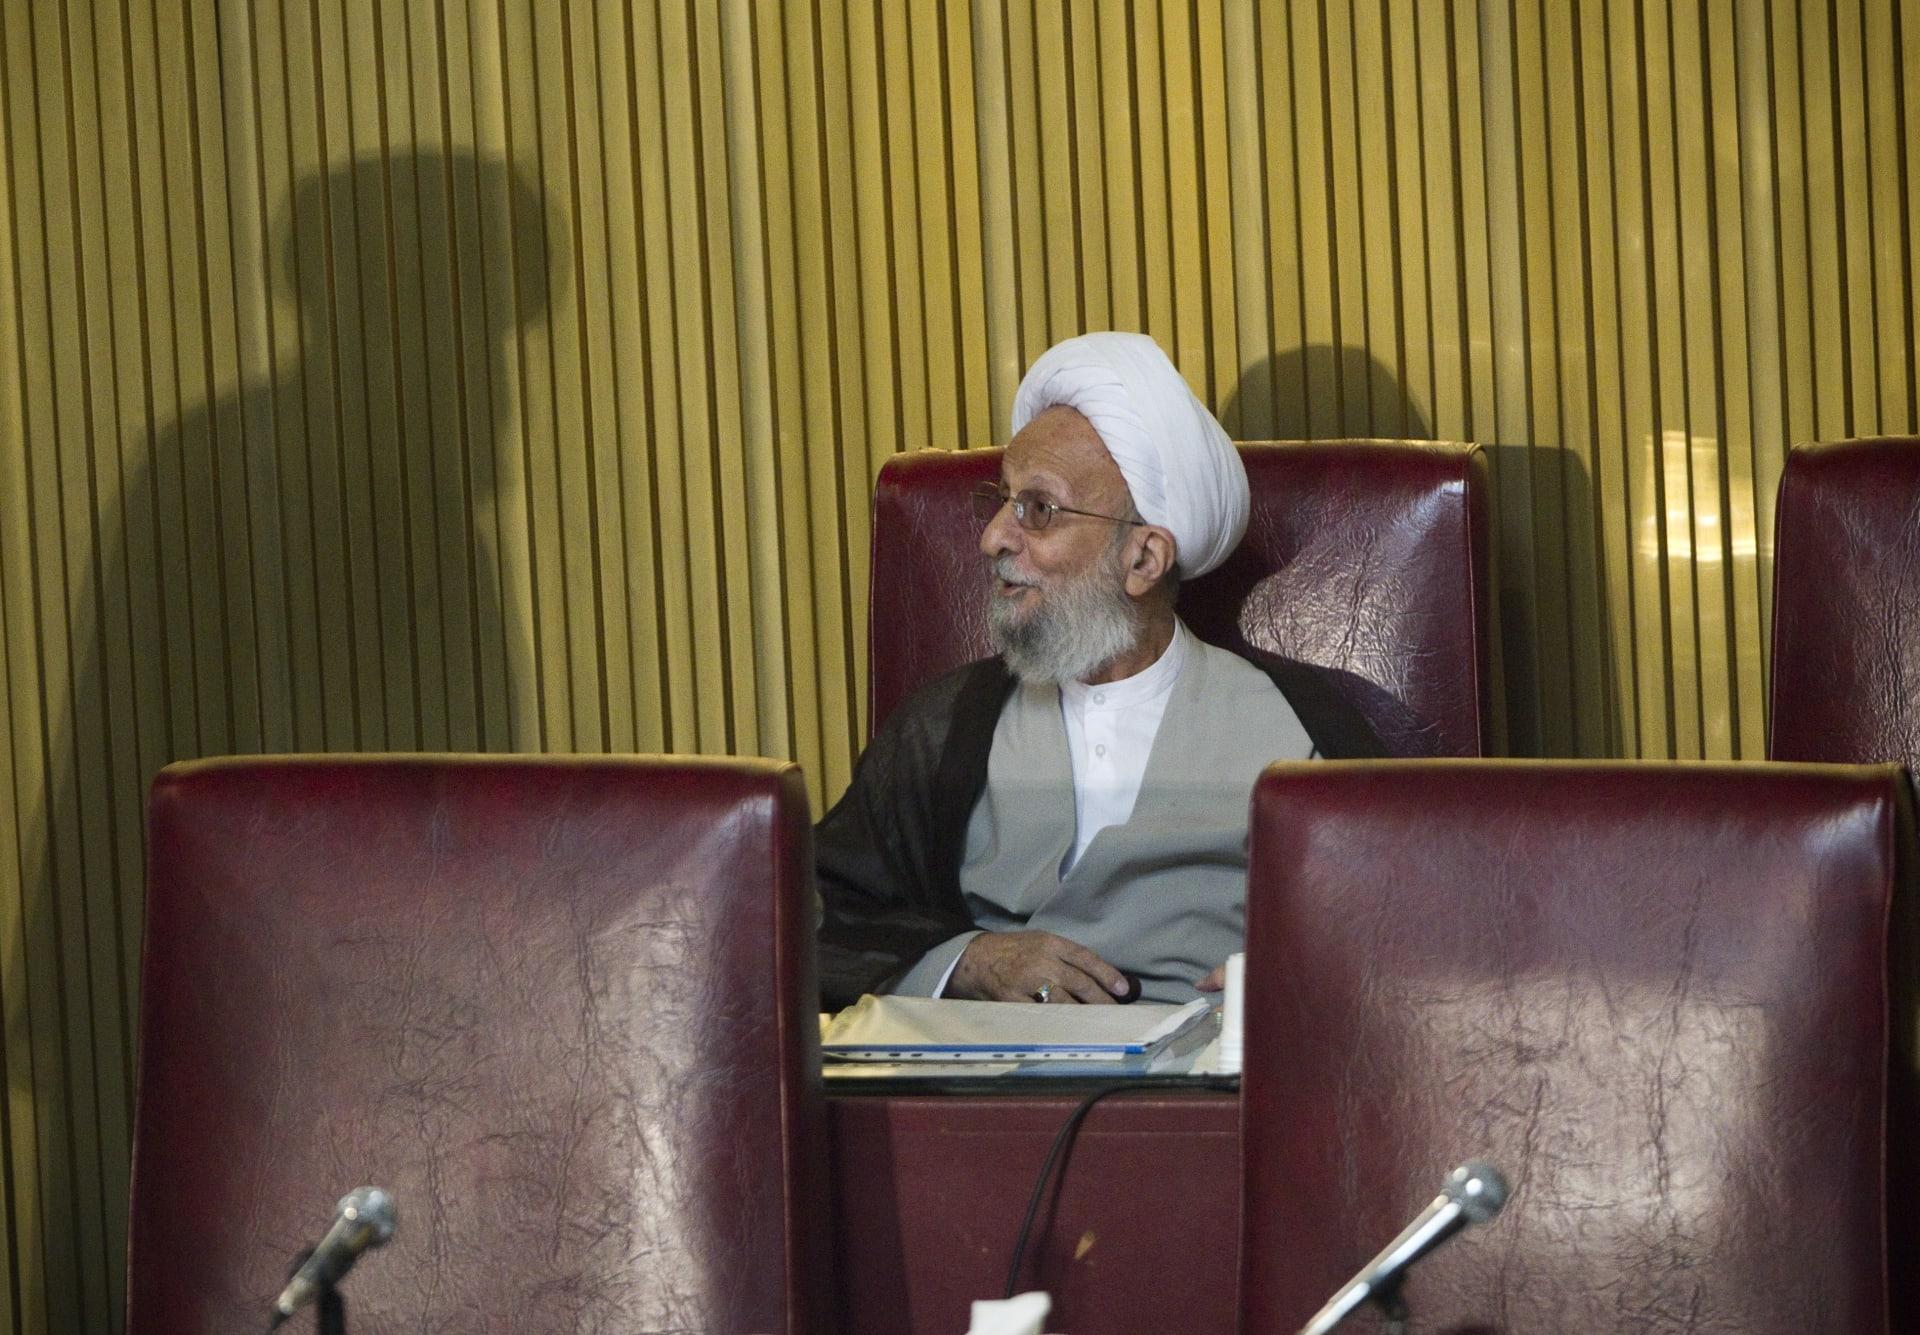 وفاة رجل الدين مصباح يزدي الذي لعب دوراً رئيساً في الثورة الإيرانية